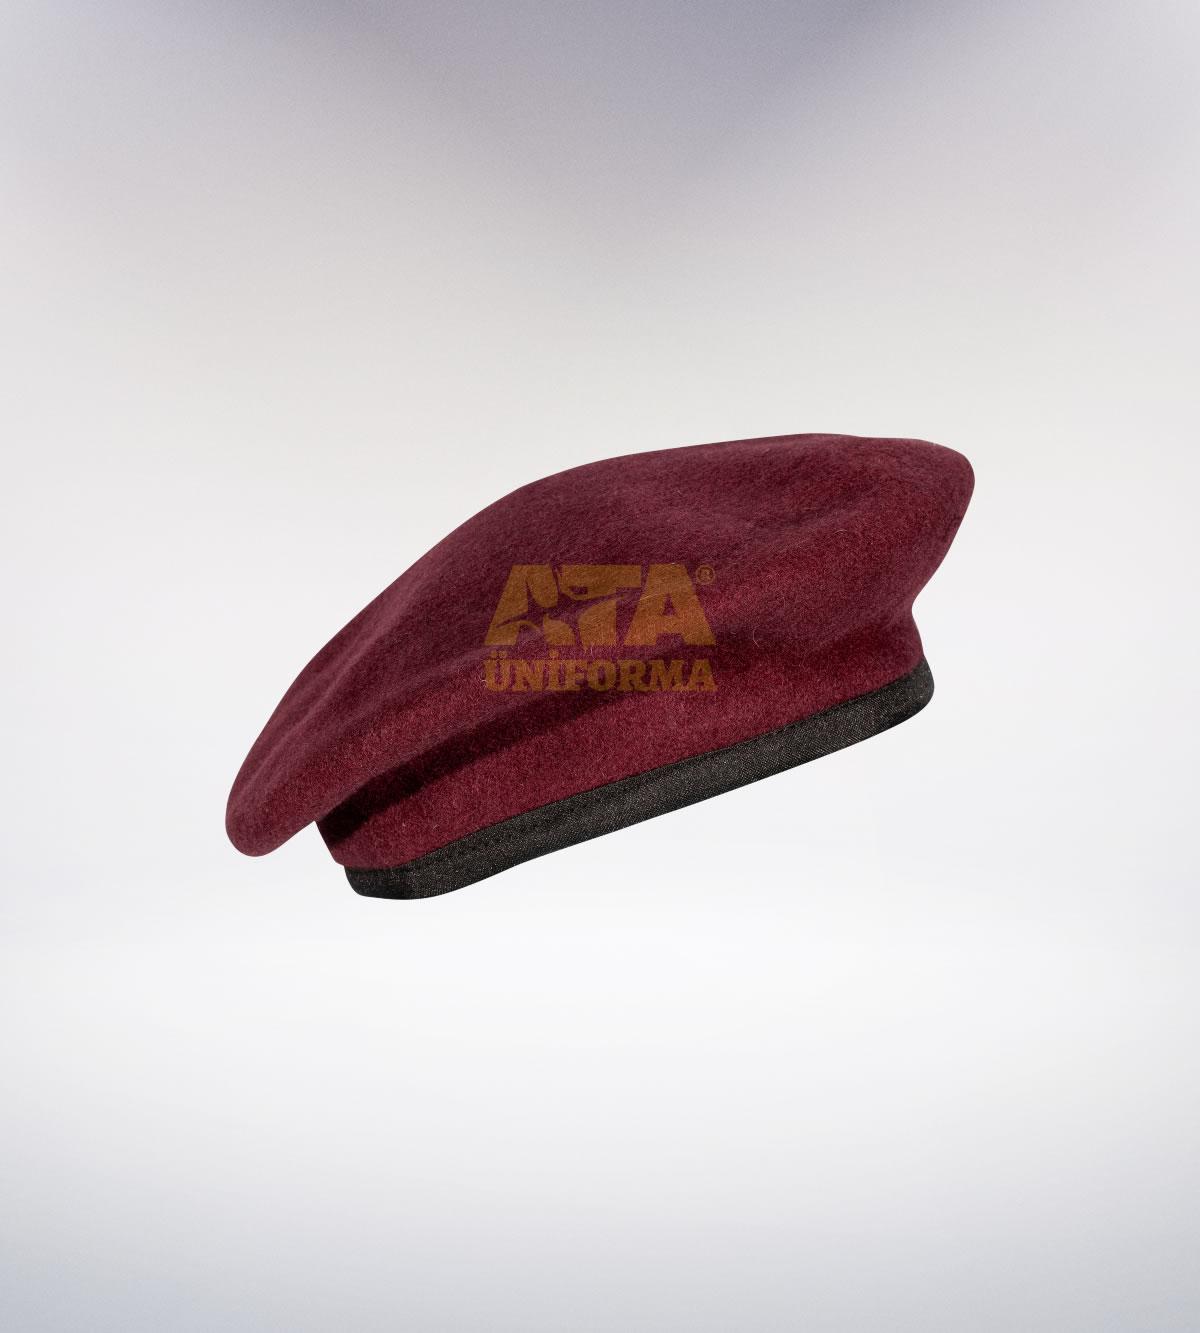 ATA-1109 Asker bere şapka  - asker elbiseleri | asker üniformaları | asker kıyafetleri